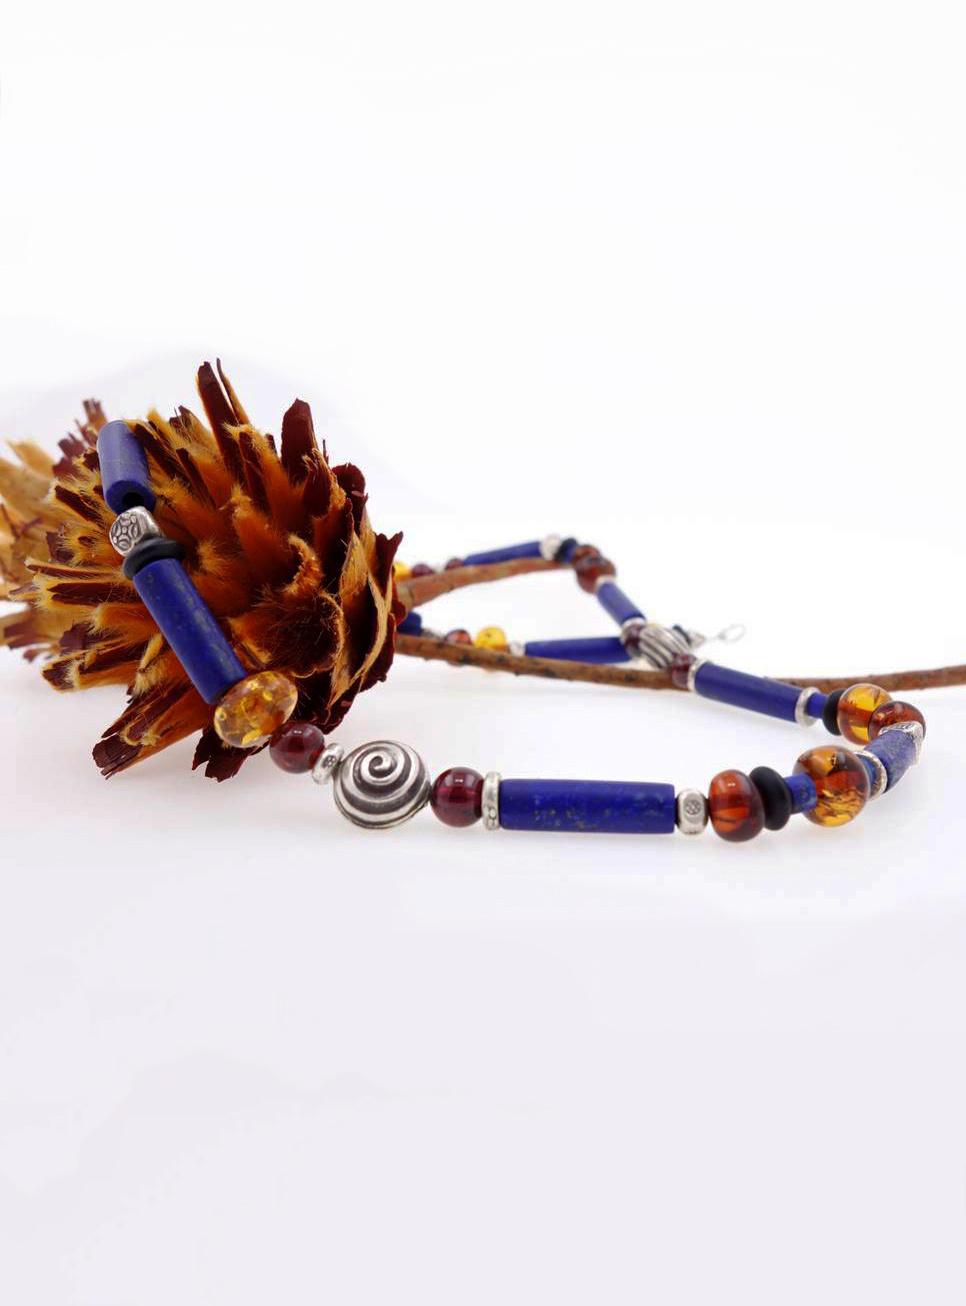 Halskette aus Lapislazuli, Bernstein und 3 Silberschnecken